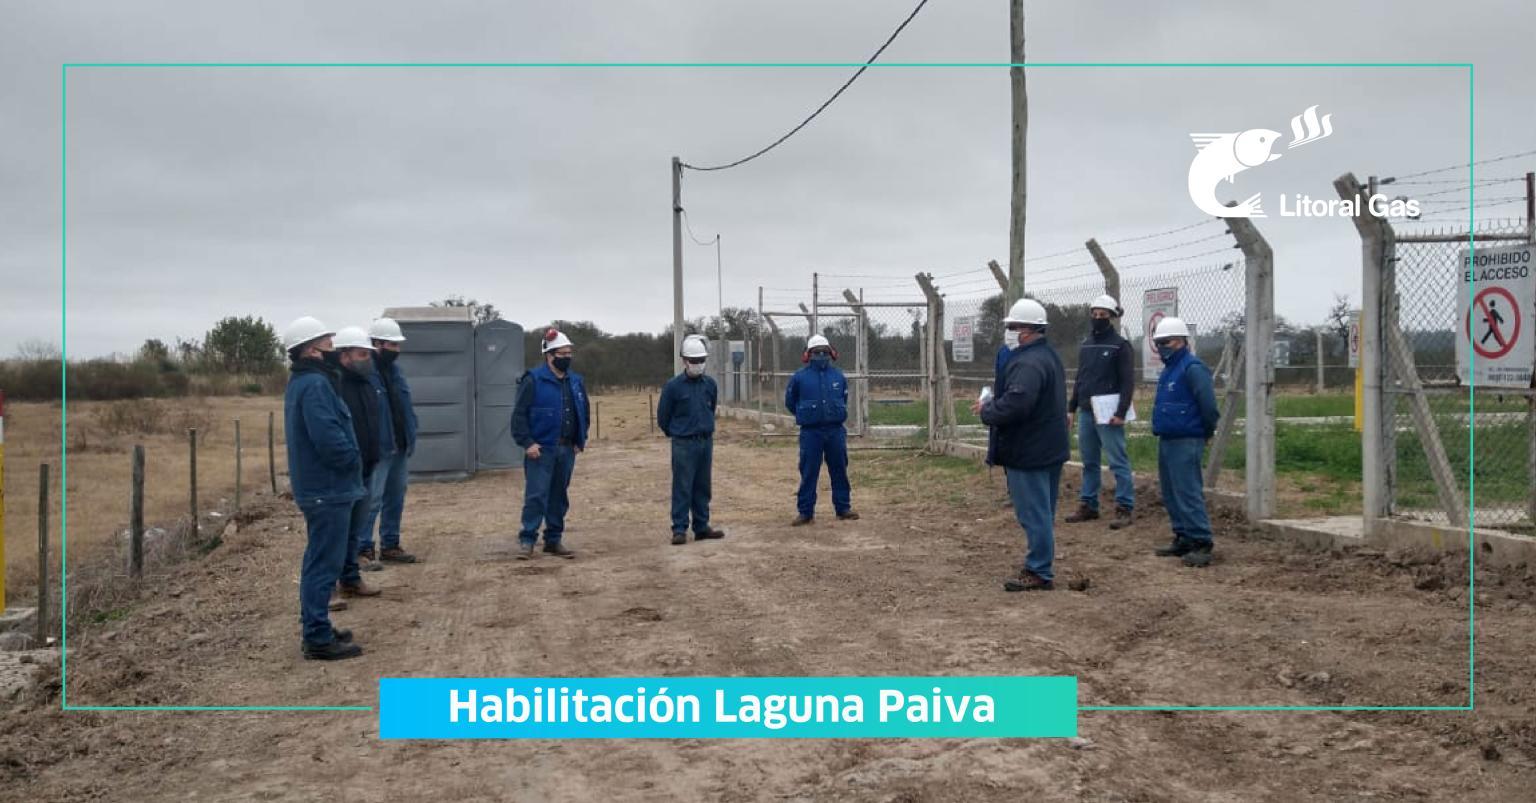 LITORAL GAS: Trabajos de ampliación de nuestra red en la localidad santafesina de Laguna Paiva